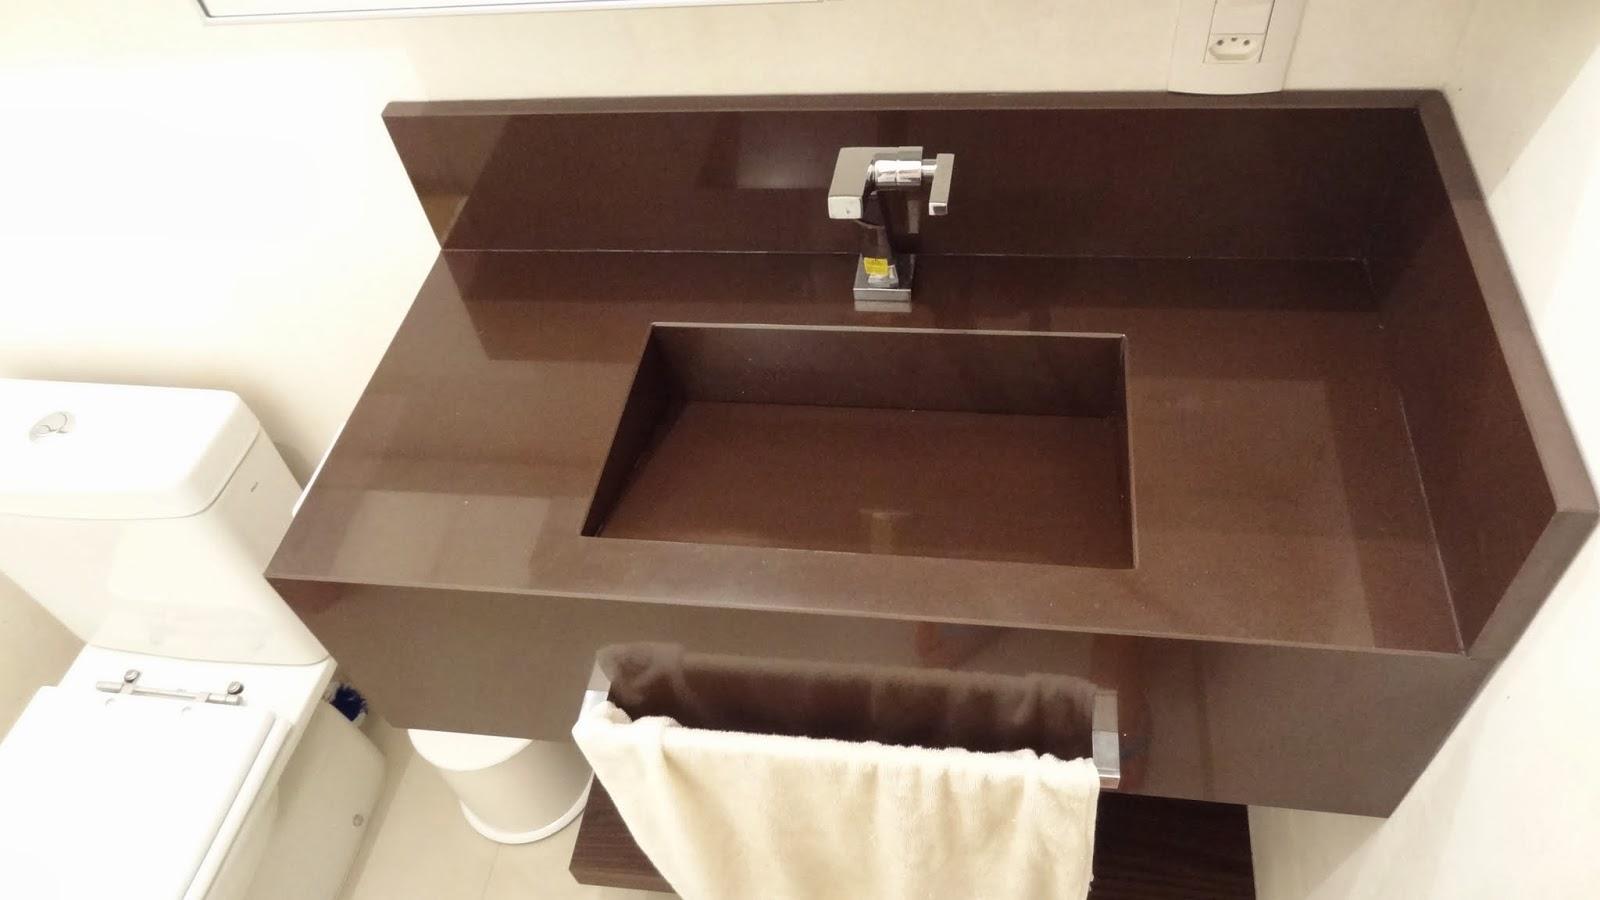 ao acabamento: Lavabo Social e Banheiro da Suíte Casal Reta final #A18E2A 1600x900 Acabamento Banheiro 2014